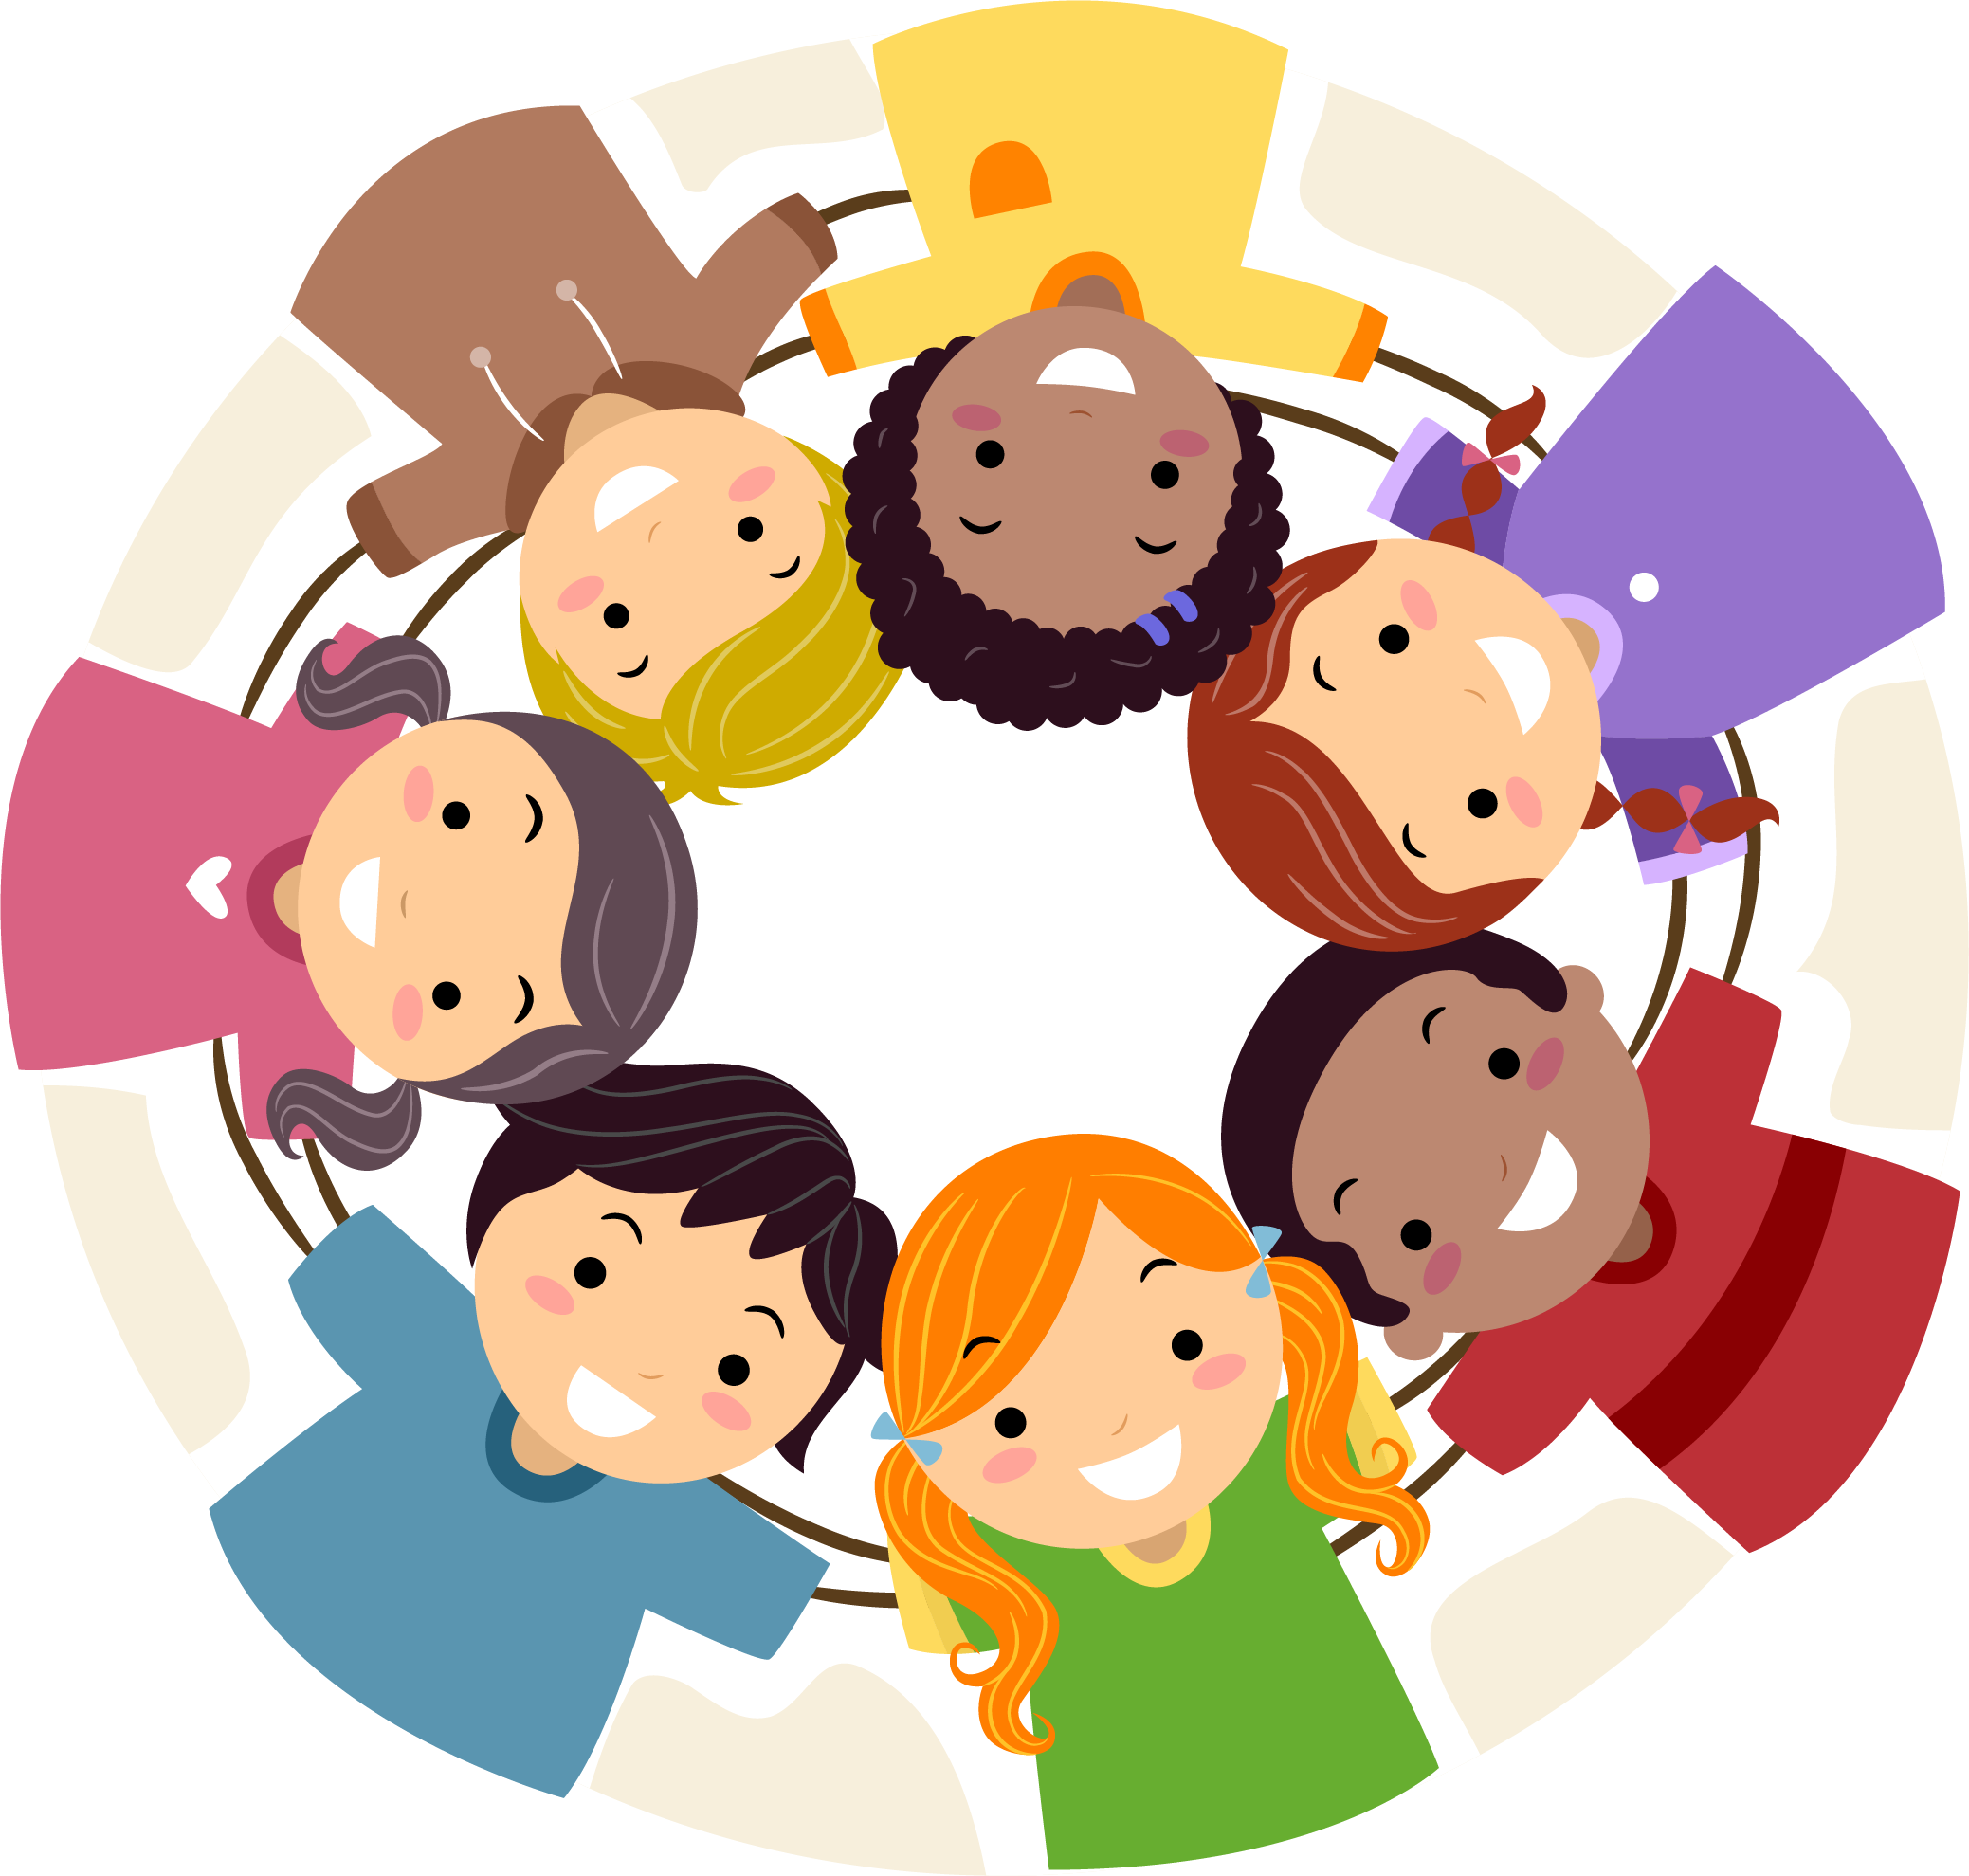 RSE & PHSE - Healthy Schools Network